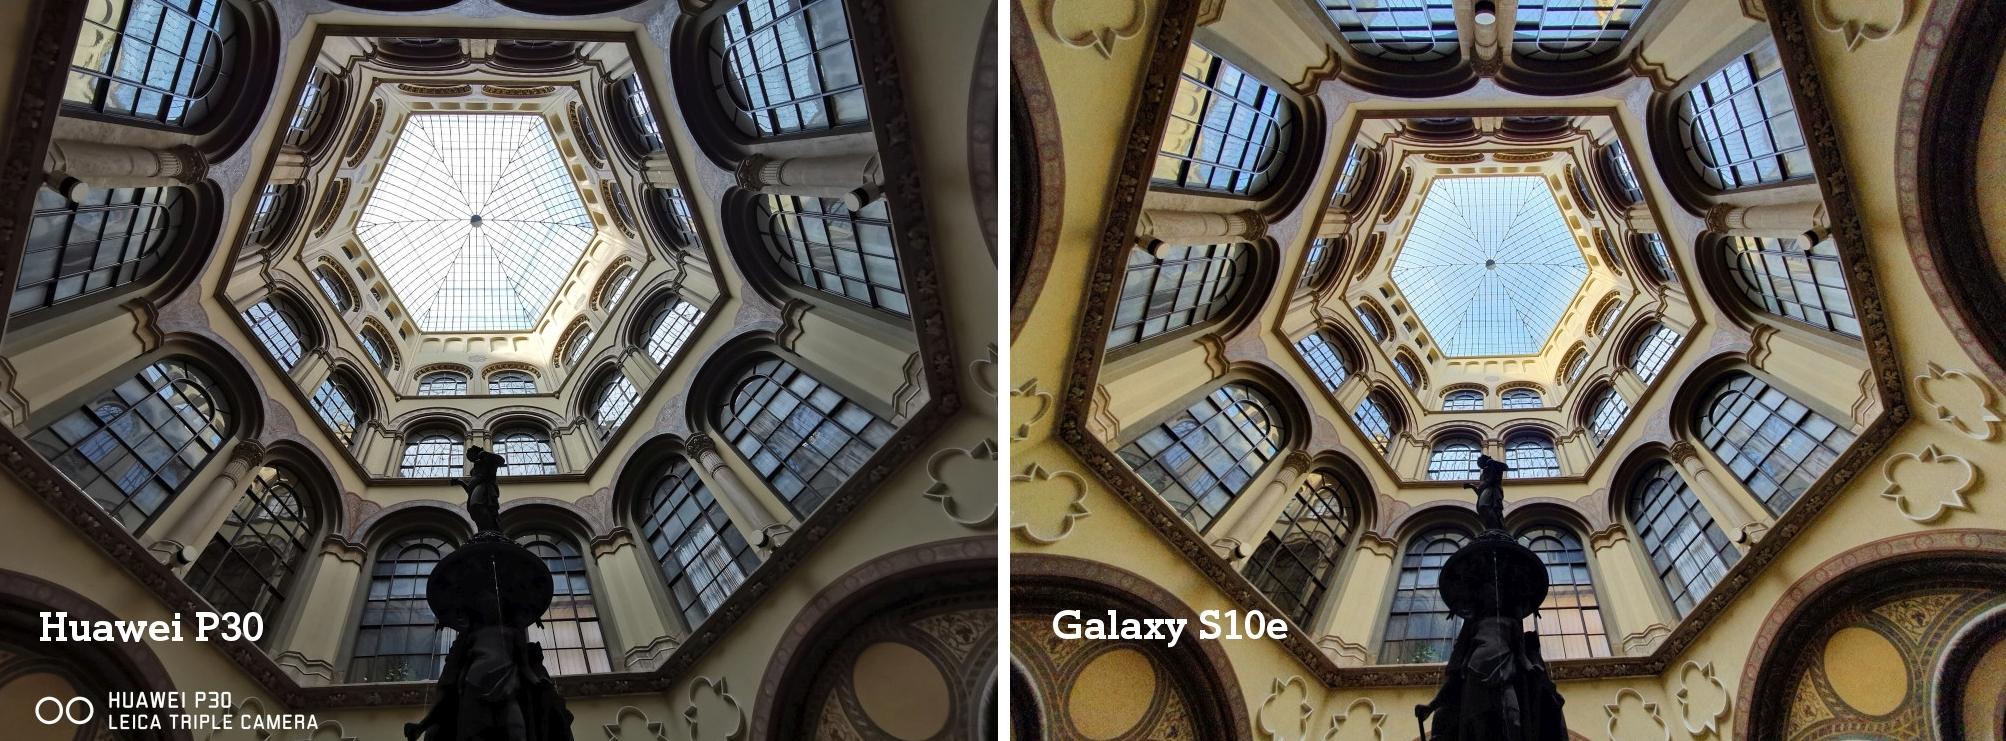 Vergleich Tesdt Huaweo P30 vs. Galaxy S10e Kamera Tag